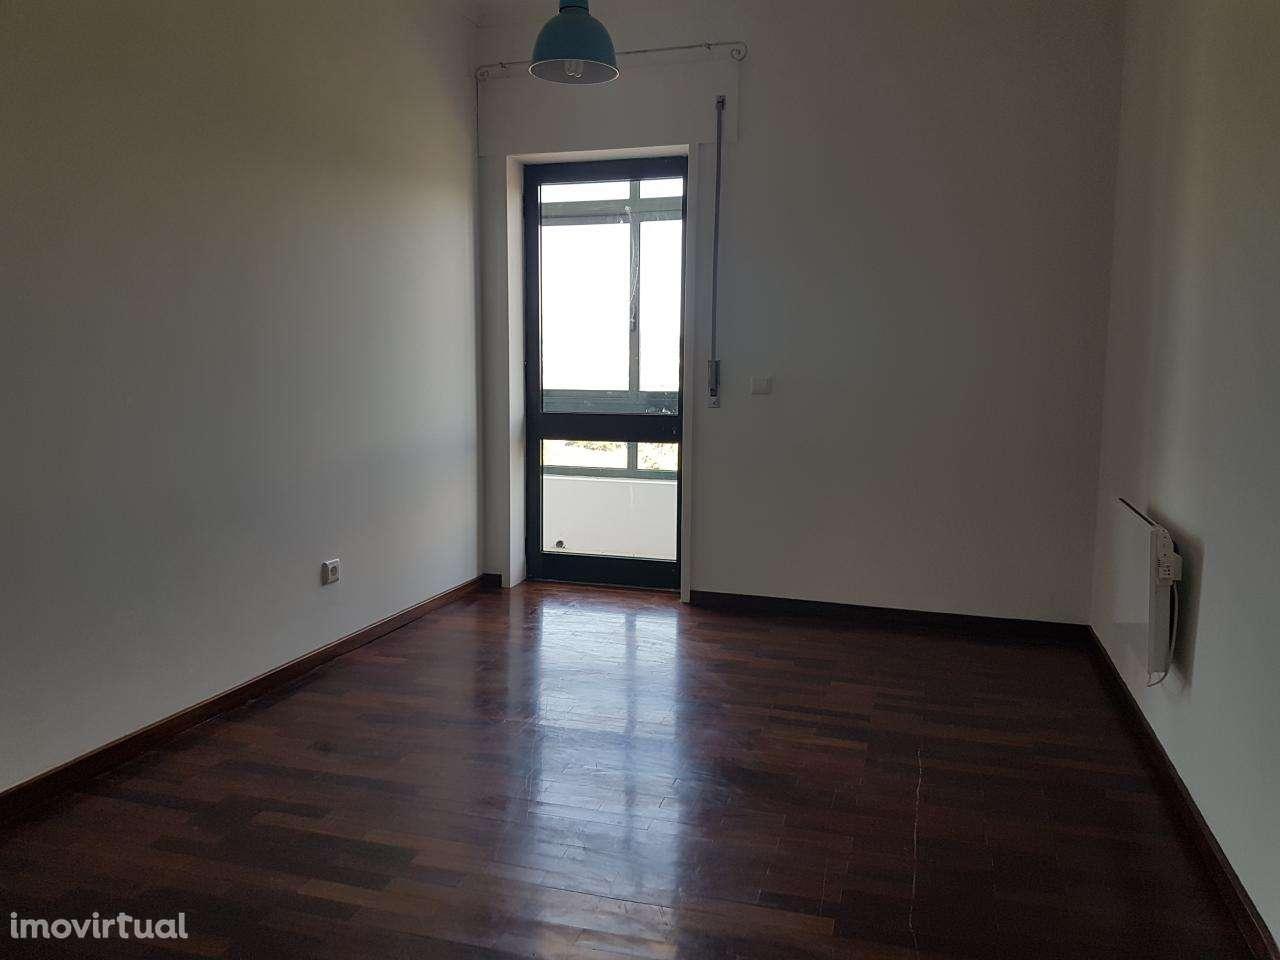 Apartamento para comprar, Bem Viver, Marco de Canaveses, Porto - Foto 5